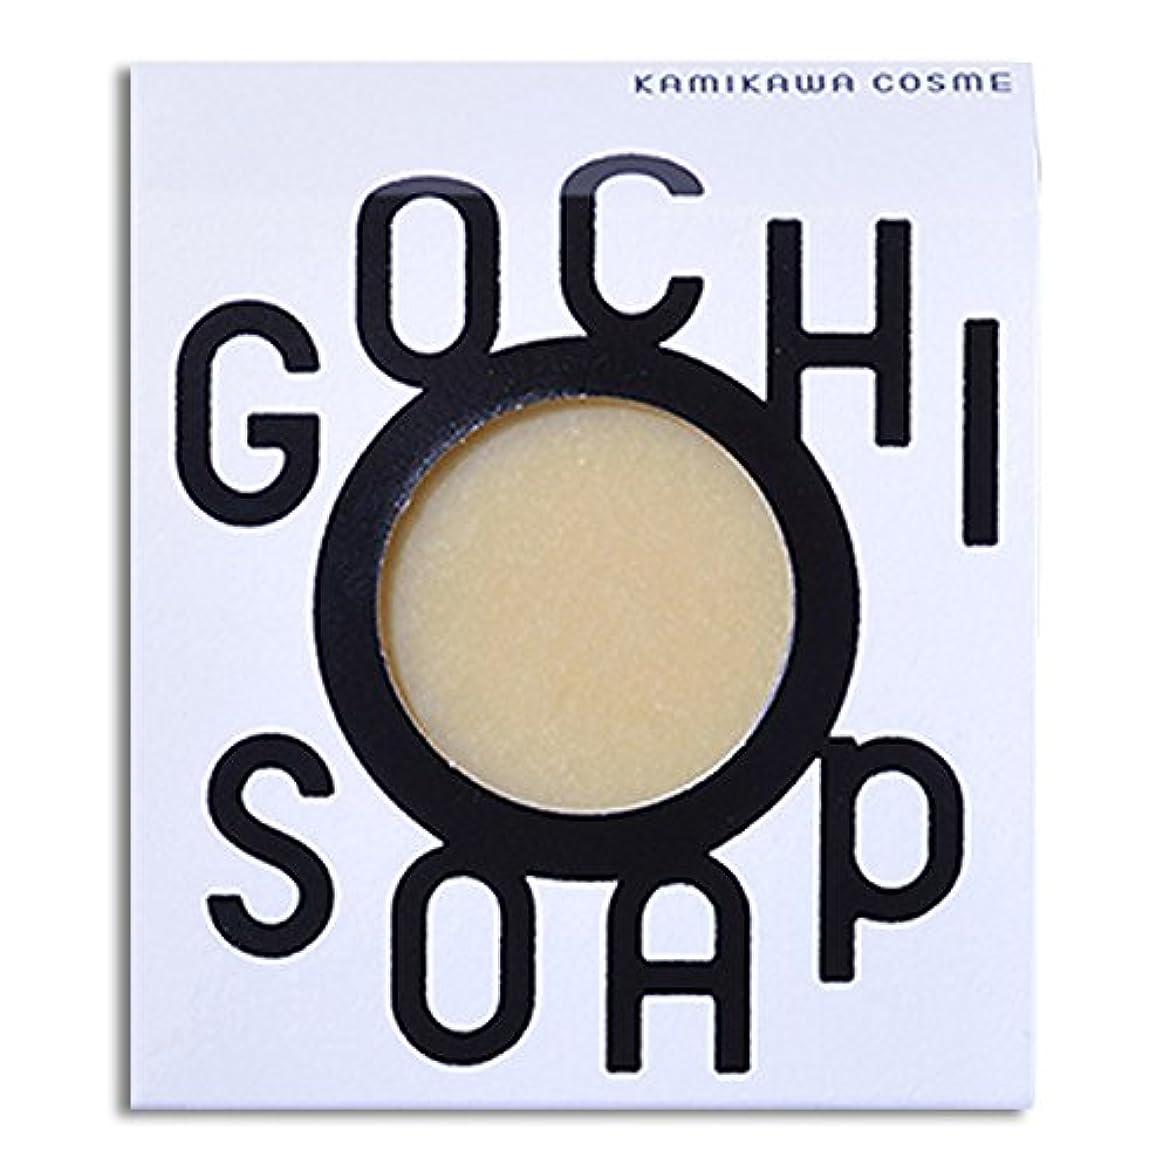 融合隣人白内障道北の素材を使用したコスメブランド GOCHI SOAP(山路養蜂園の蜂蜜ソープ?ふじくらますも果樹園のりんごソープ)各1個セット